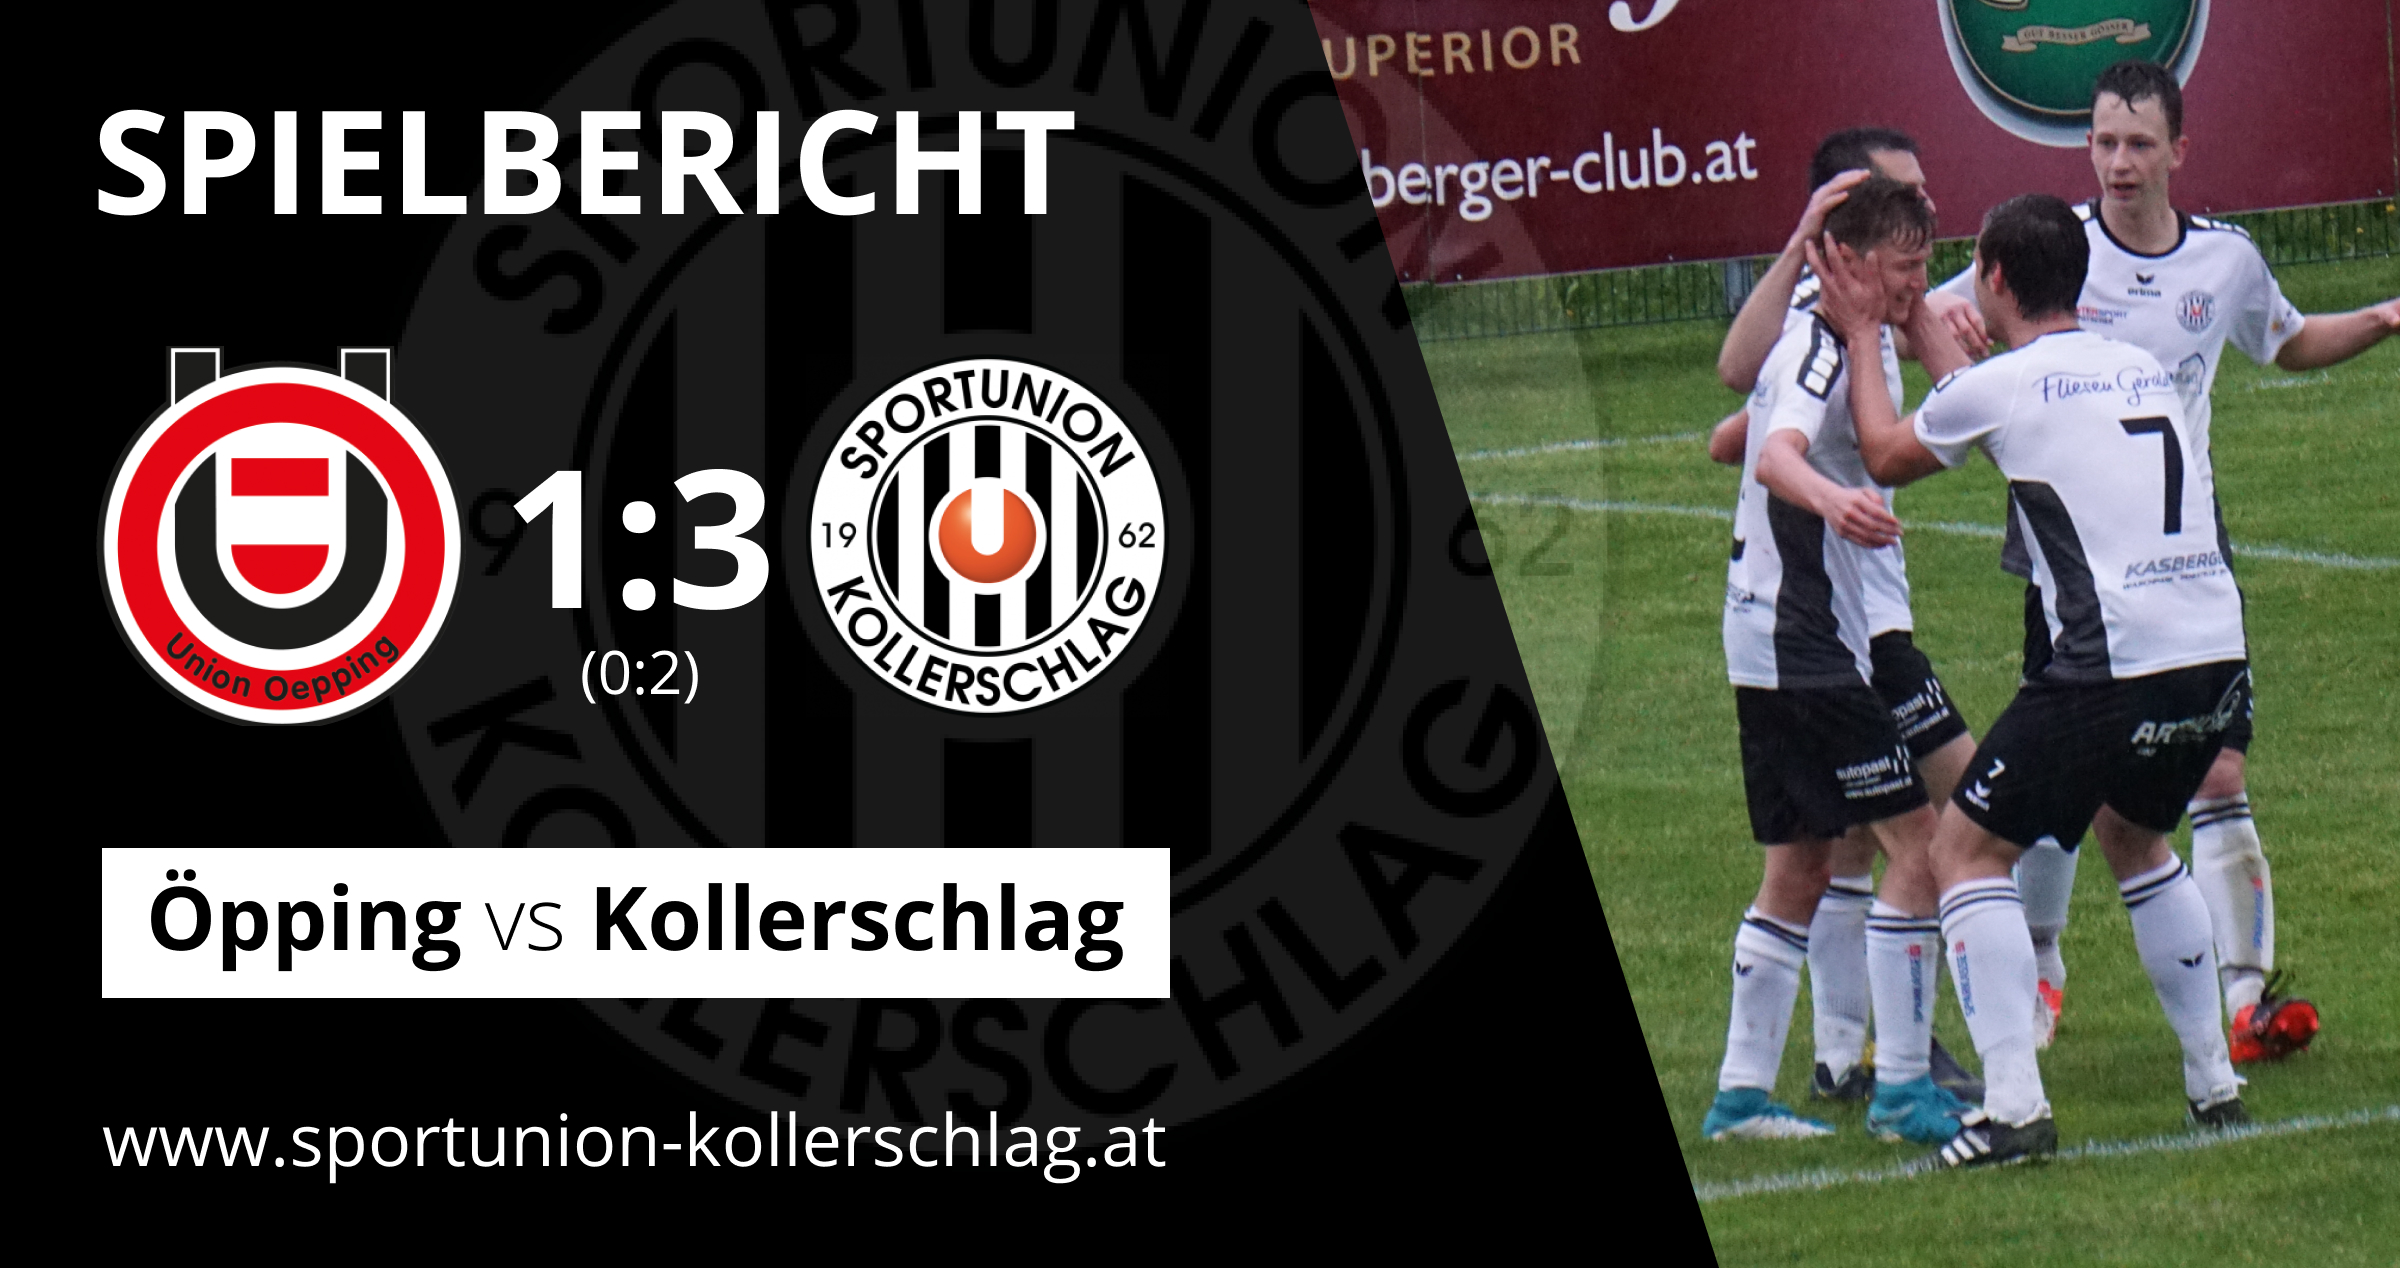 5. Streich in Folge! 3:1 Sieg in Öpping